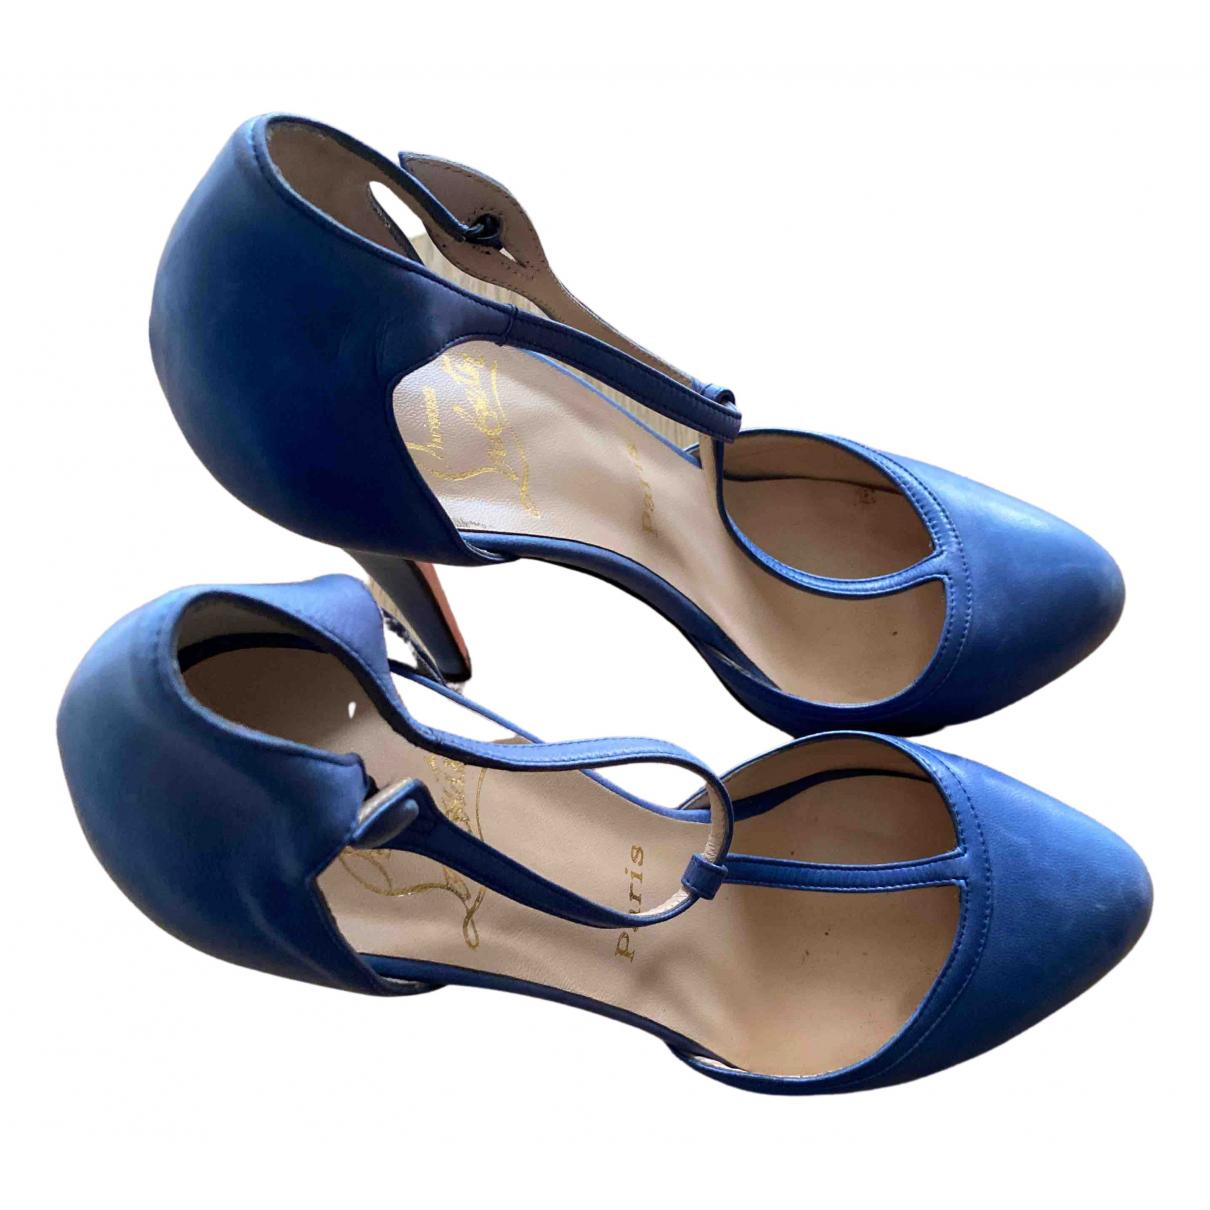 Christian Louboutin - Escarpins   pour femme en cuir - bleu